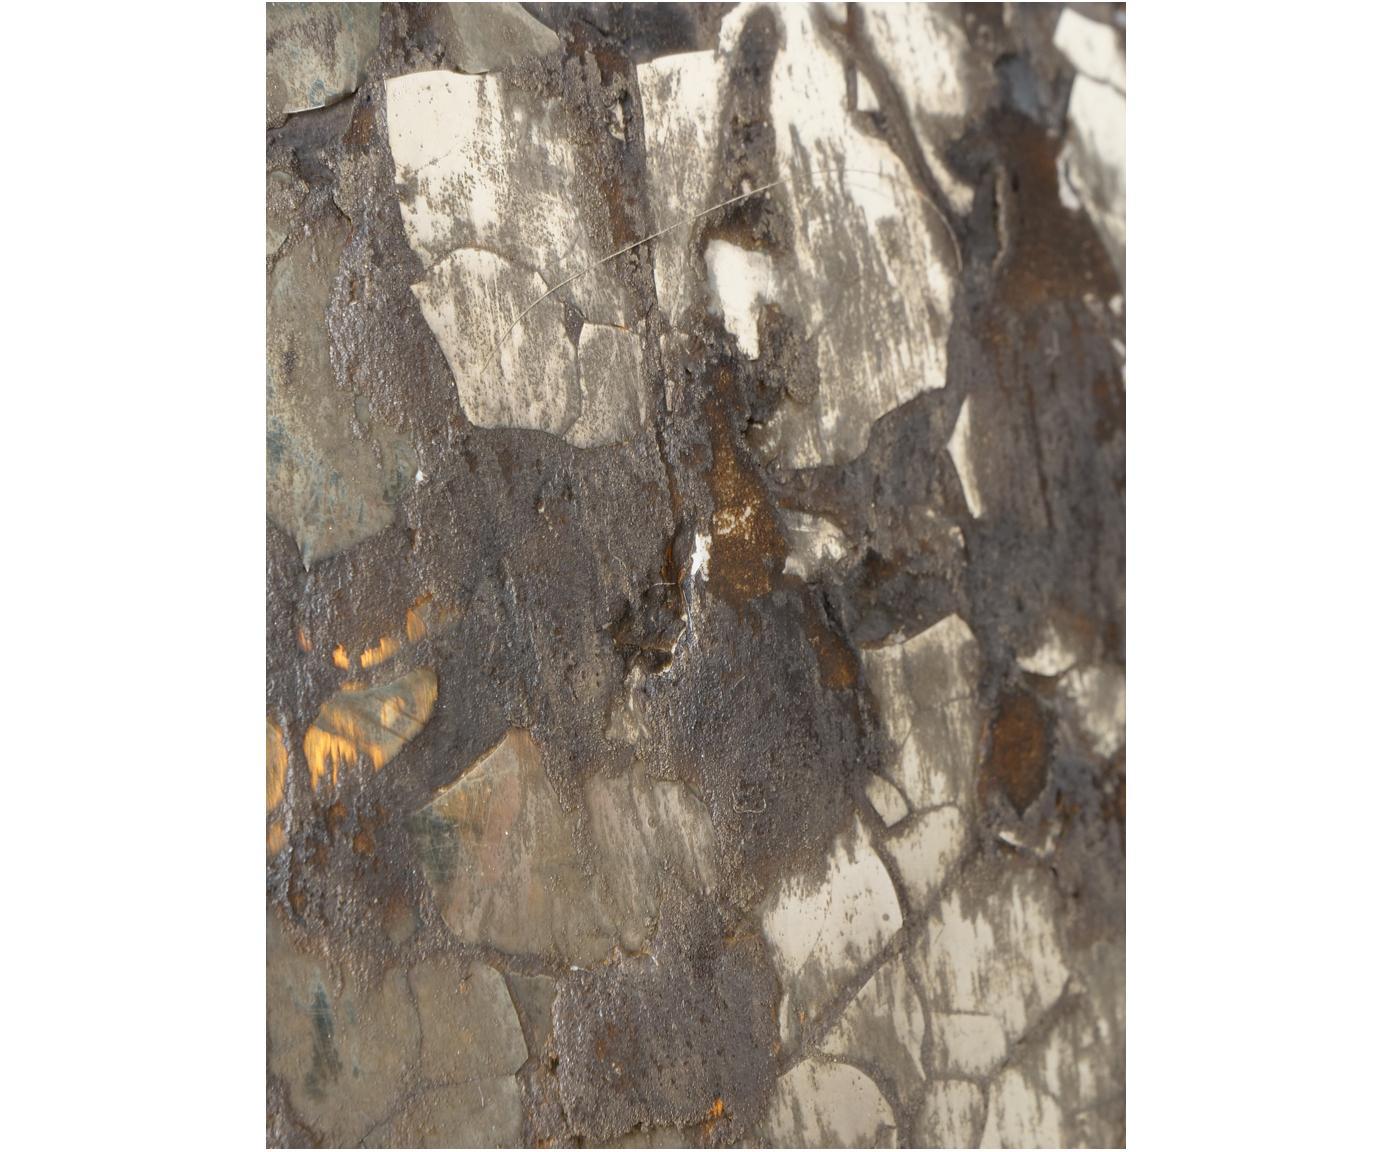 Teelichthalter-Set Kyritz, 2-tlg., Glas, Braun, Silberfarben mit Antik-Finish, Ø 12 x H 13 cm